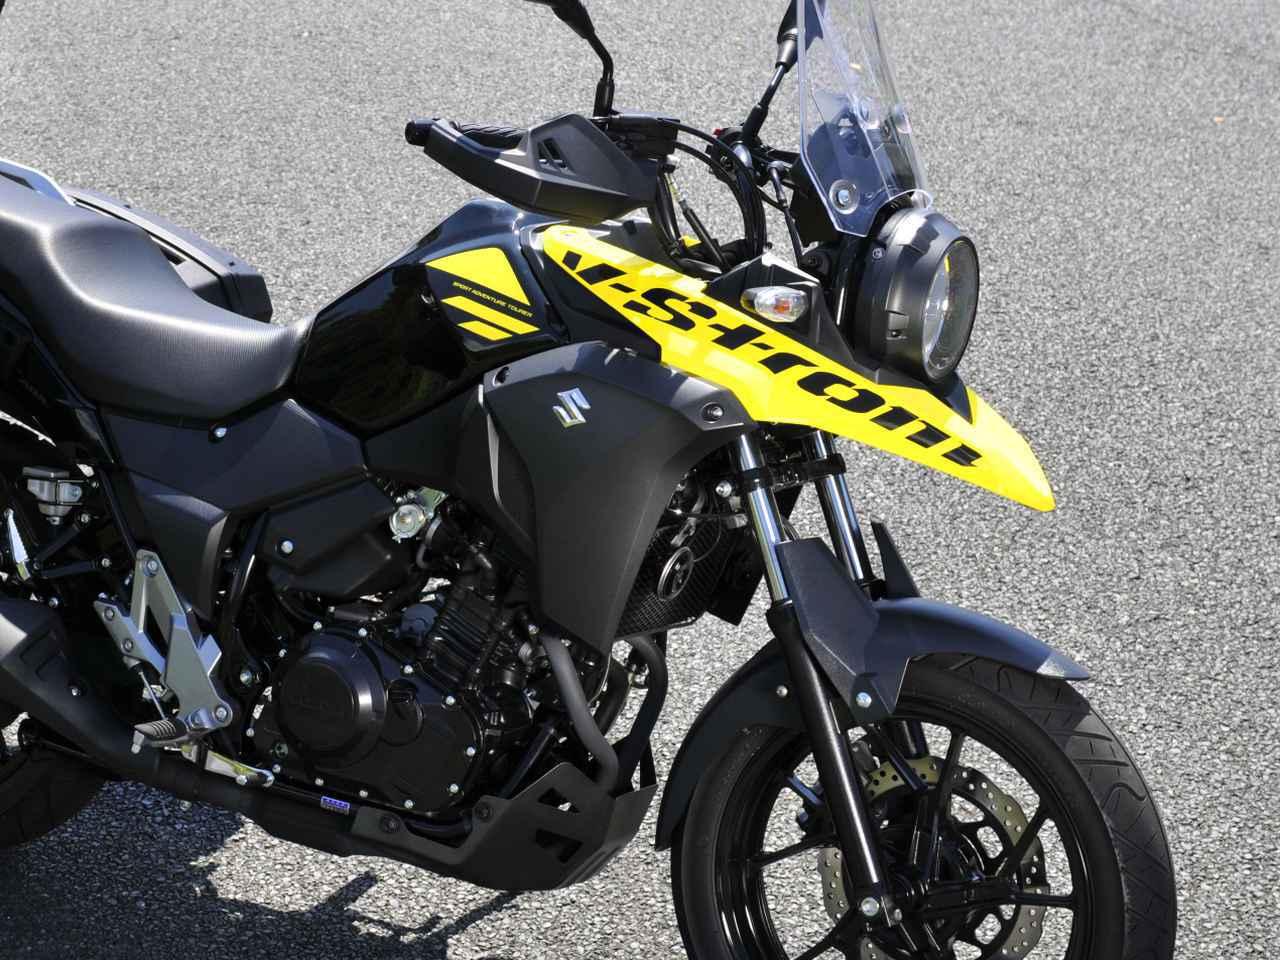 画像1: スズキのバイクのカウルには『謎の穴』が空いている